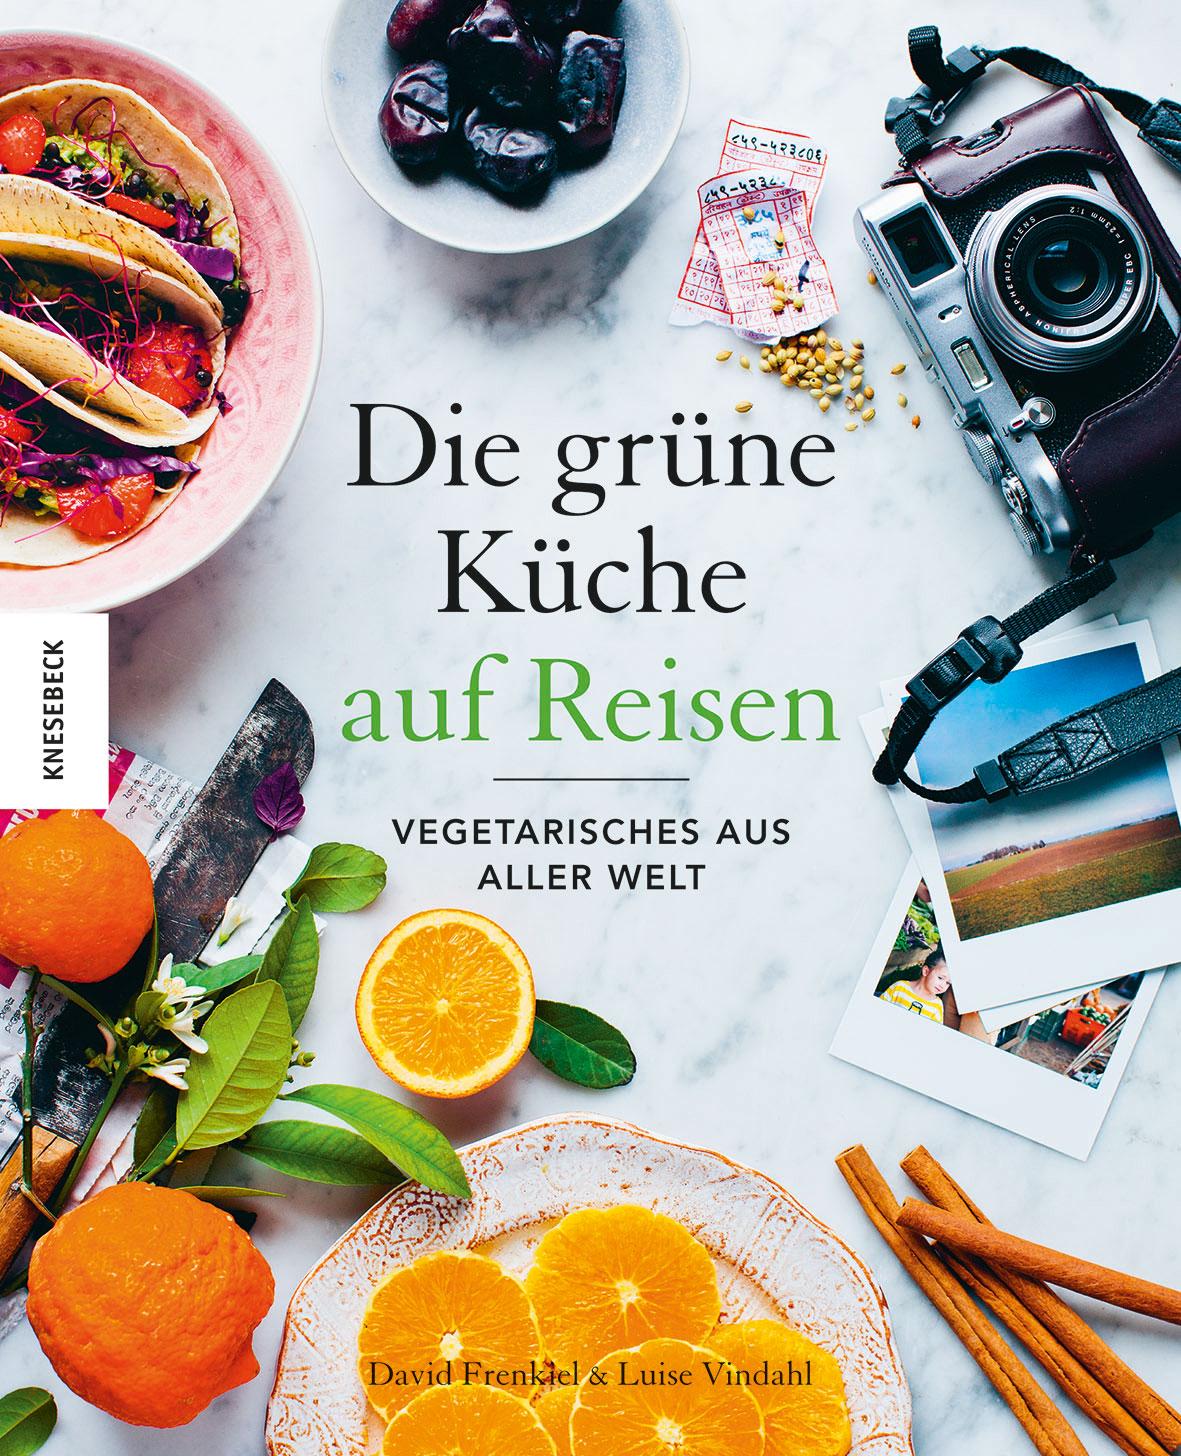 Die Grüne Küche auf Reisen: Vegetarisches aus aller Welt - David Frenkiel